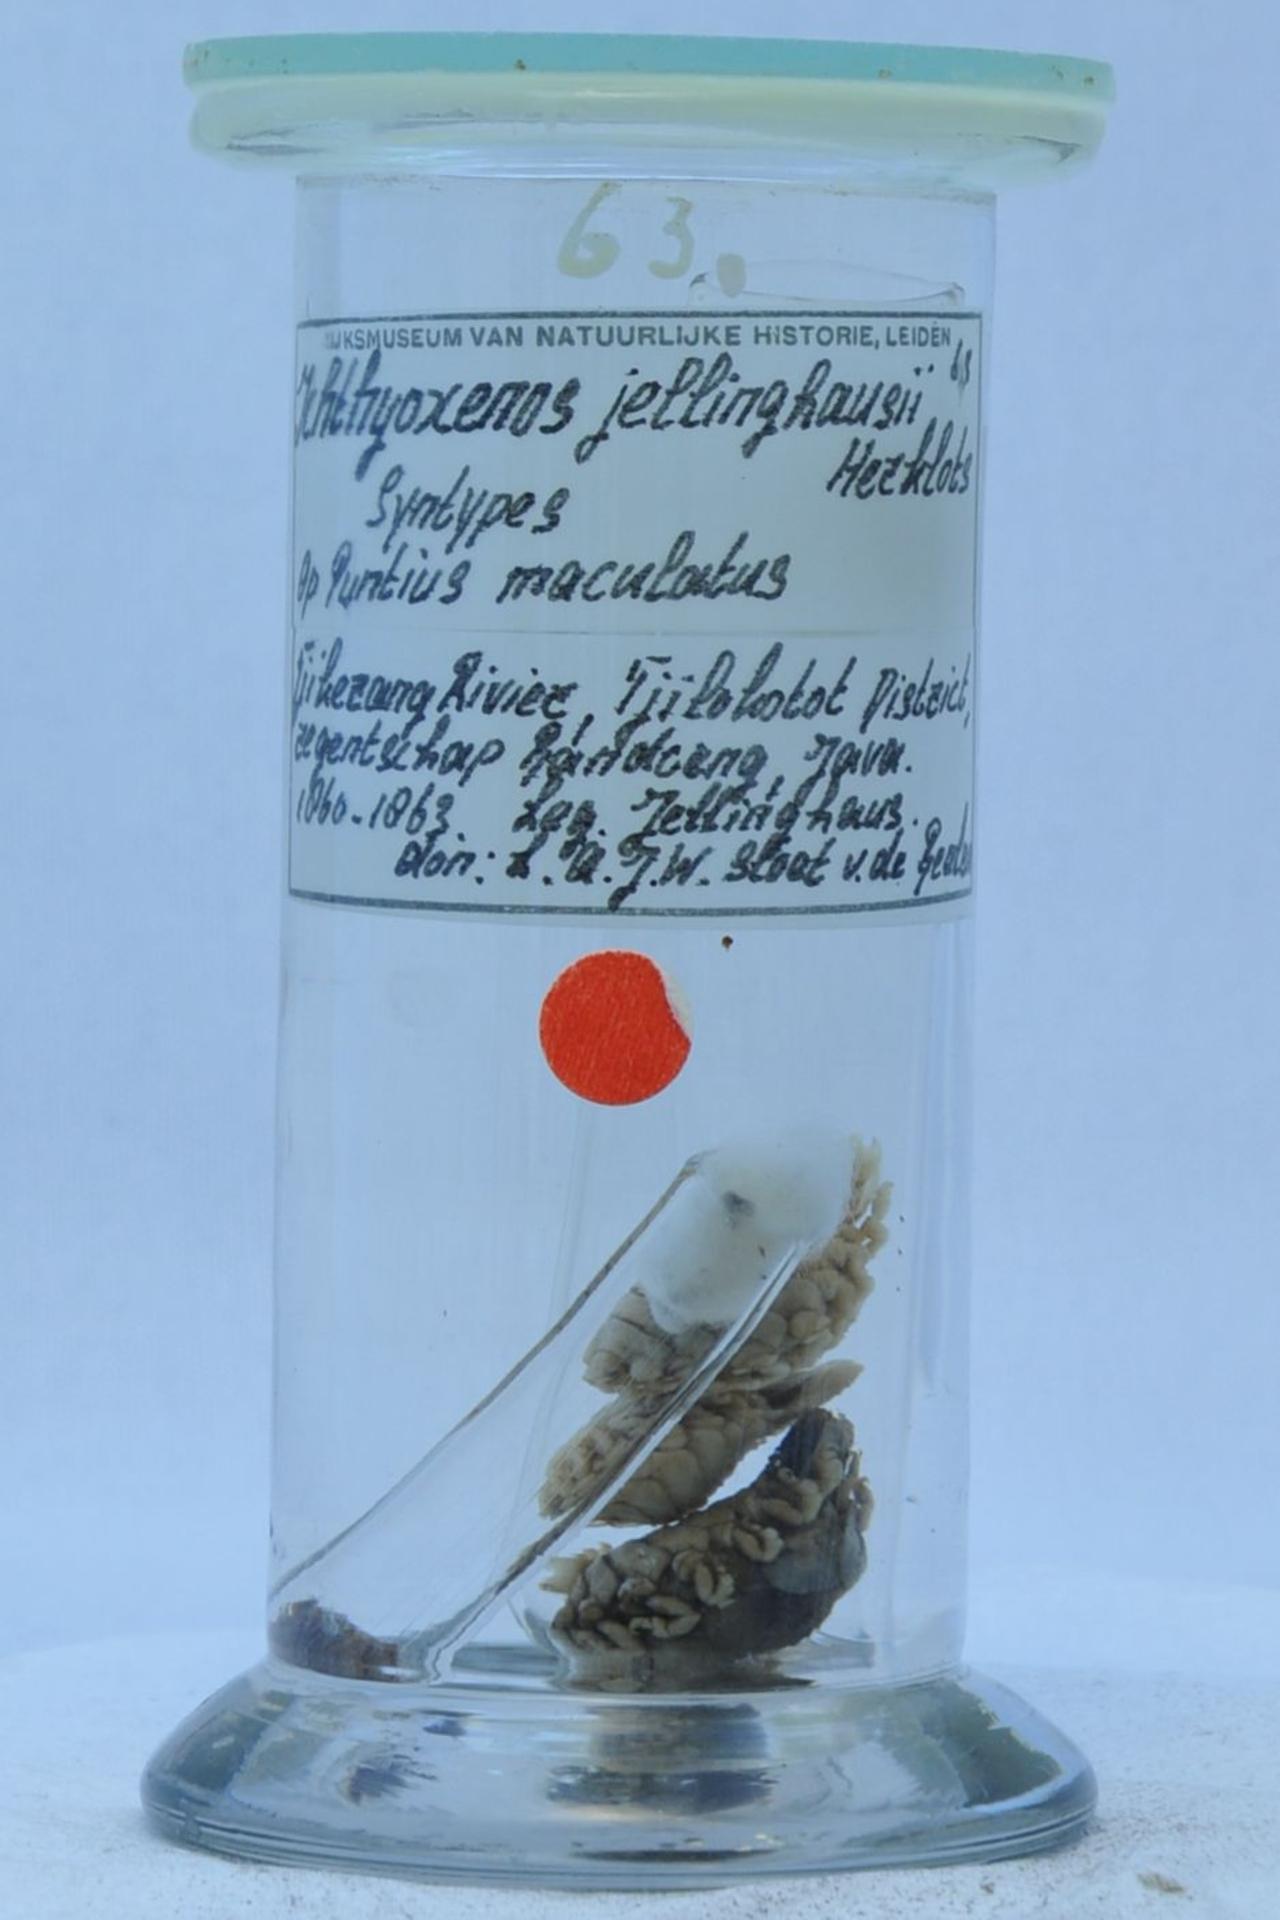 RMNH.CRUS.I.63   Ichthyoxenus jellinghausii Herklots